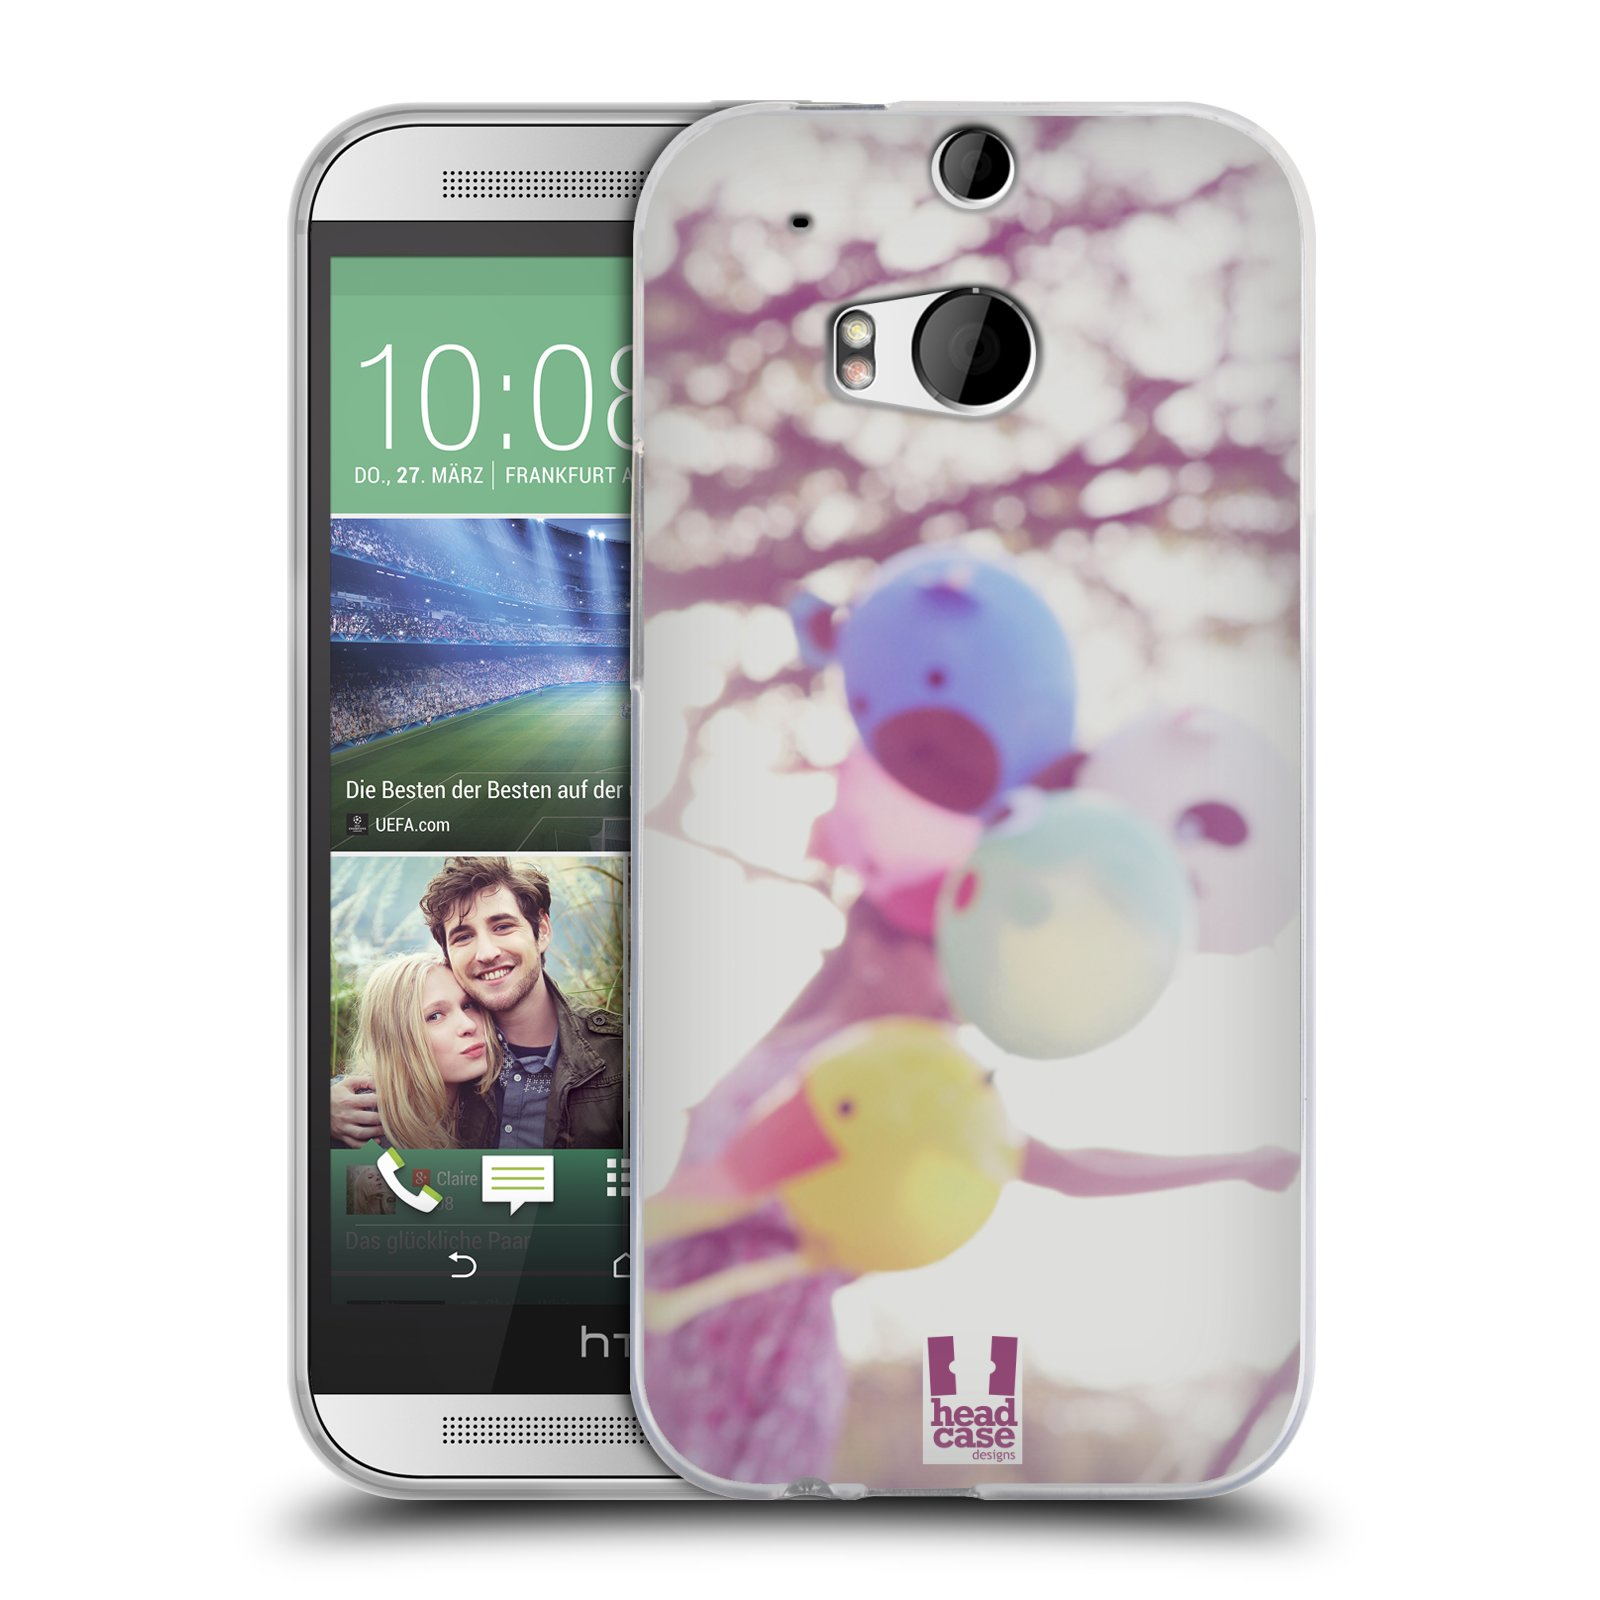 HEAD CASE silikonový obal na mobil HTC ONE (M8) vzor Balónková zvířátka foto nostalgie